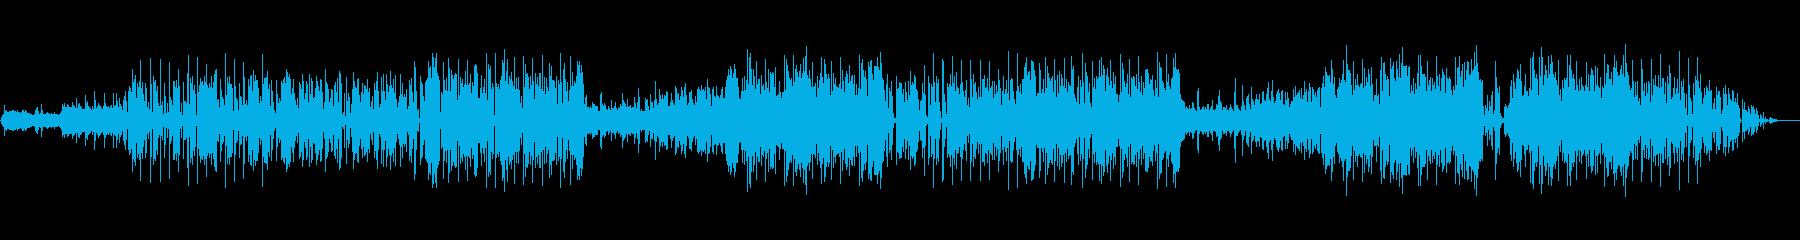 ファンキーなハウスの再生済みの波形